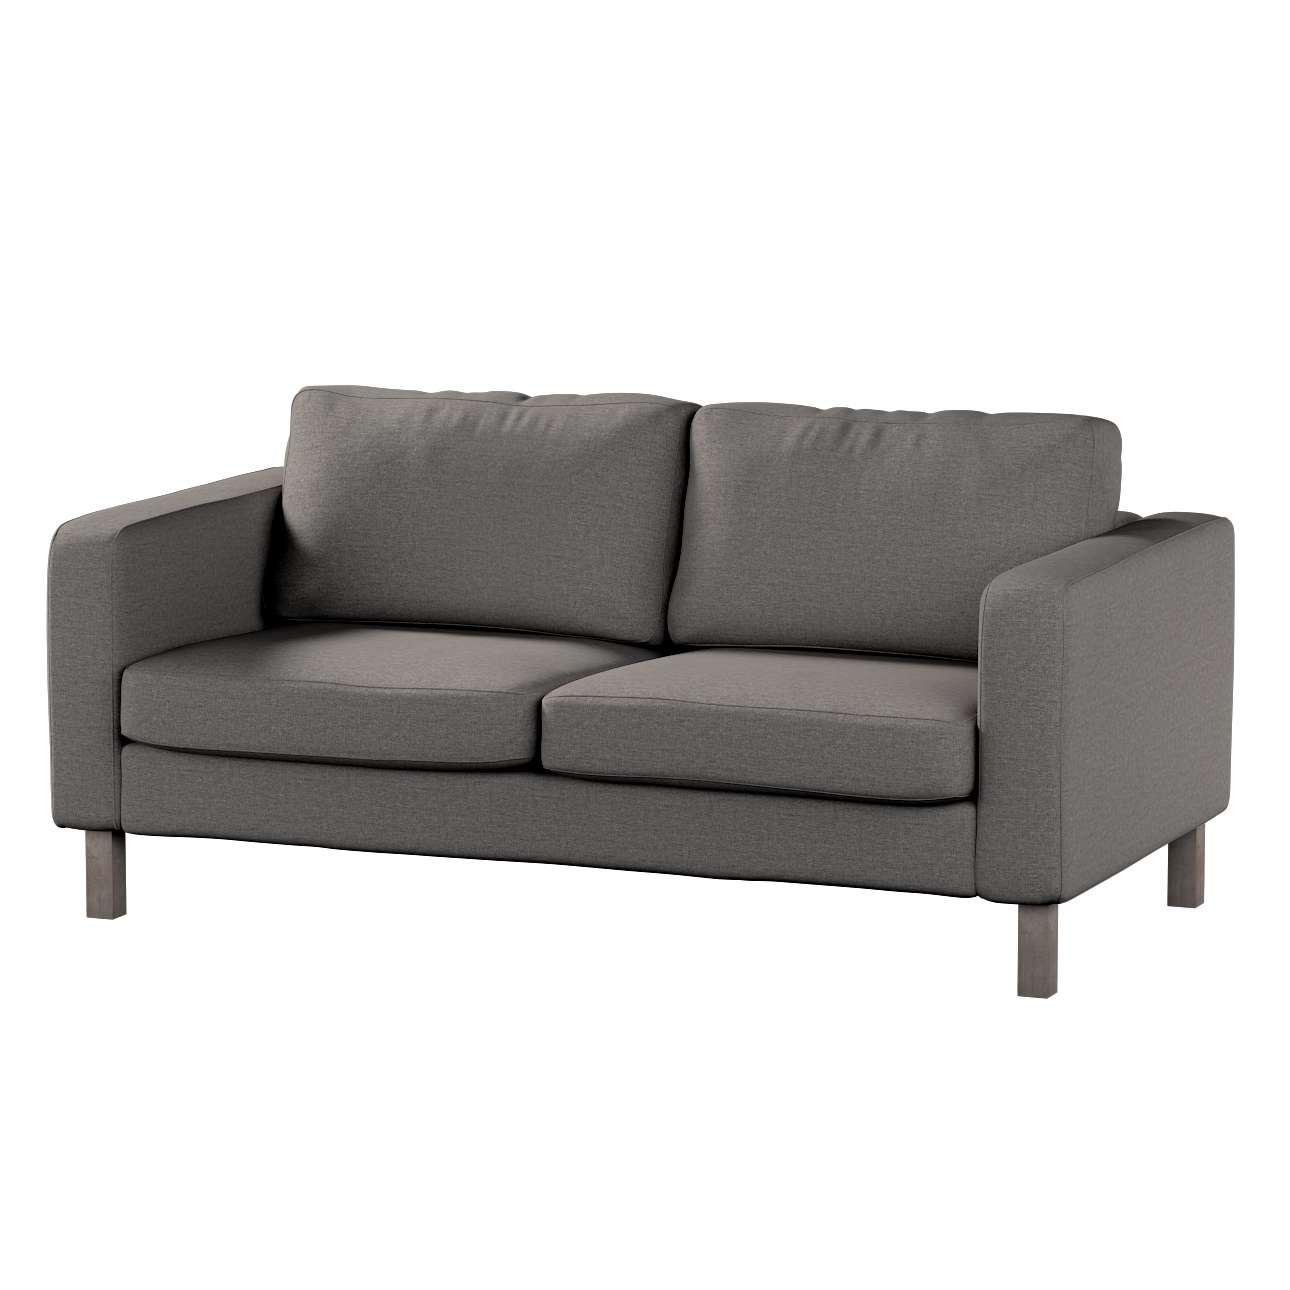 Pokrowiec na sofę Karlstad 2-osobową nierozkładaną krótki Sofa Karlstad 2-osobowa w kolekcji Edinburgh, tkanina: 115-77